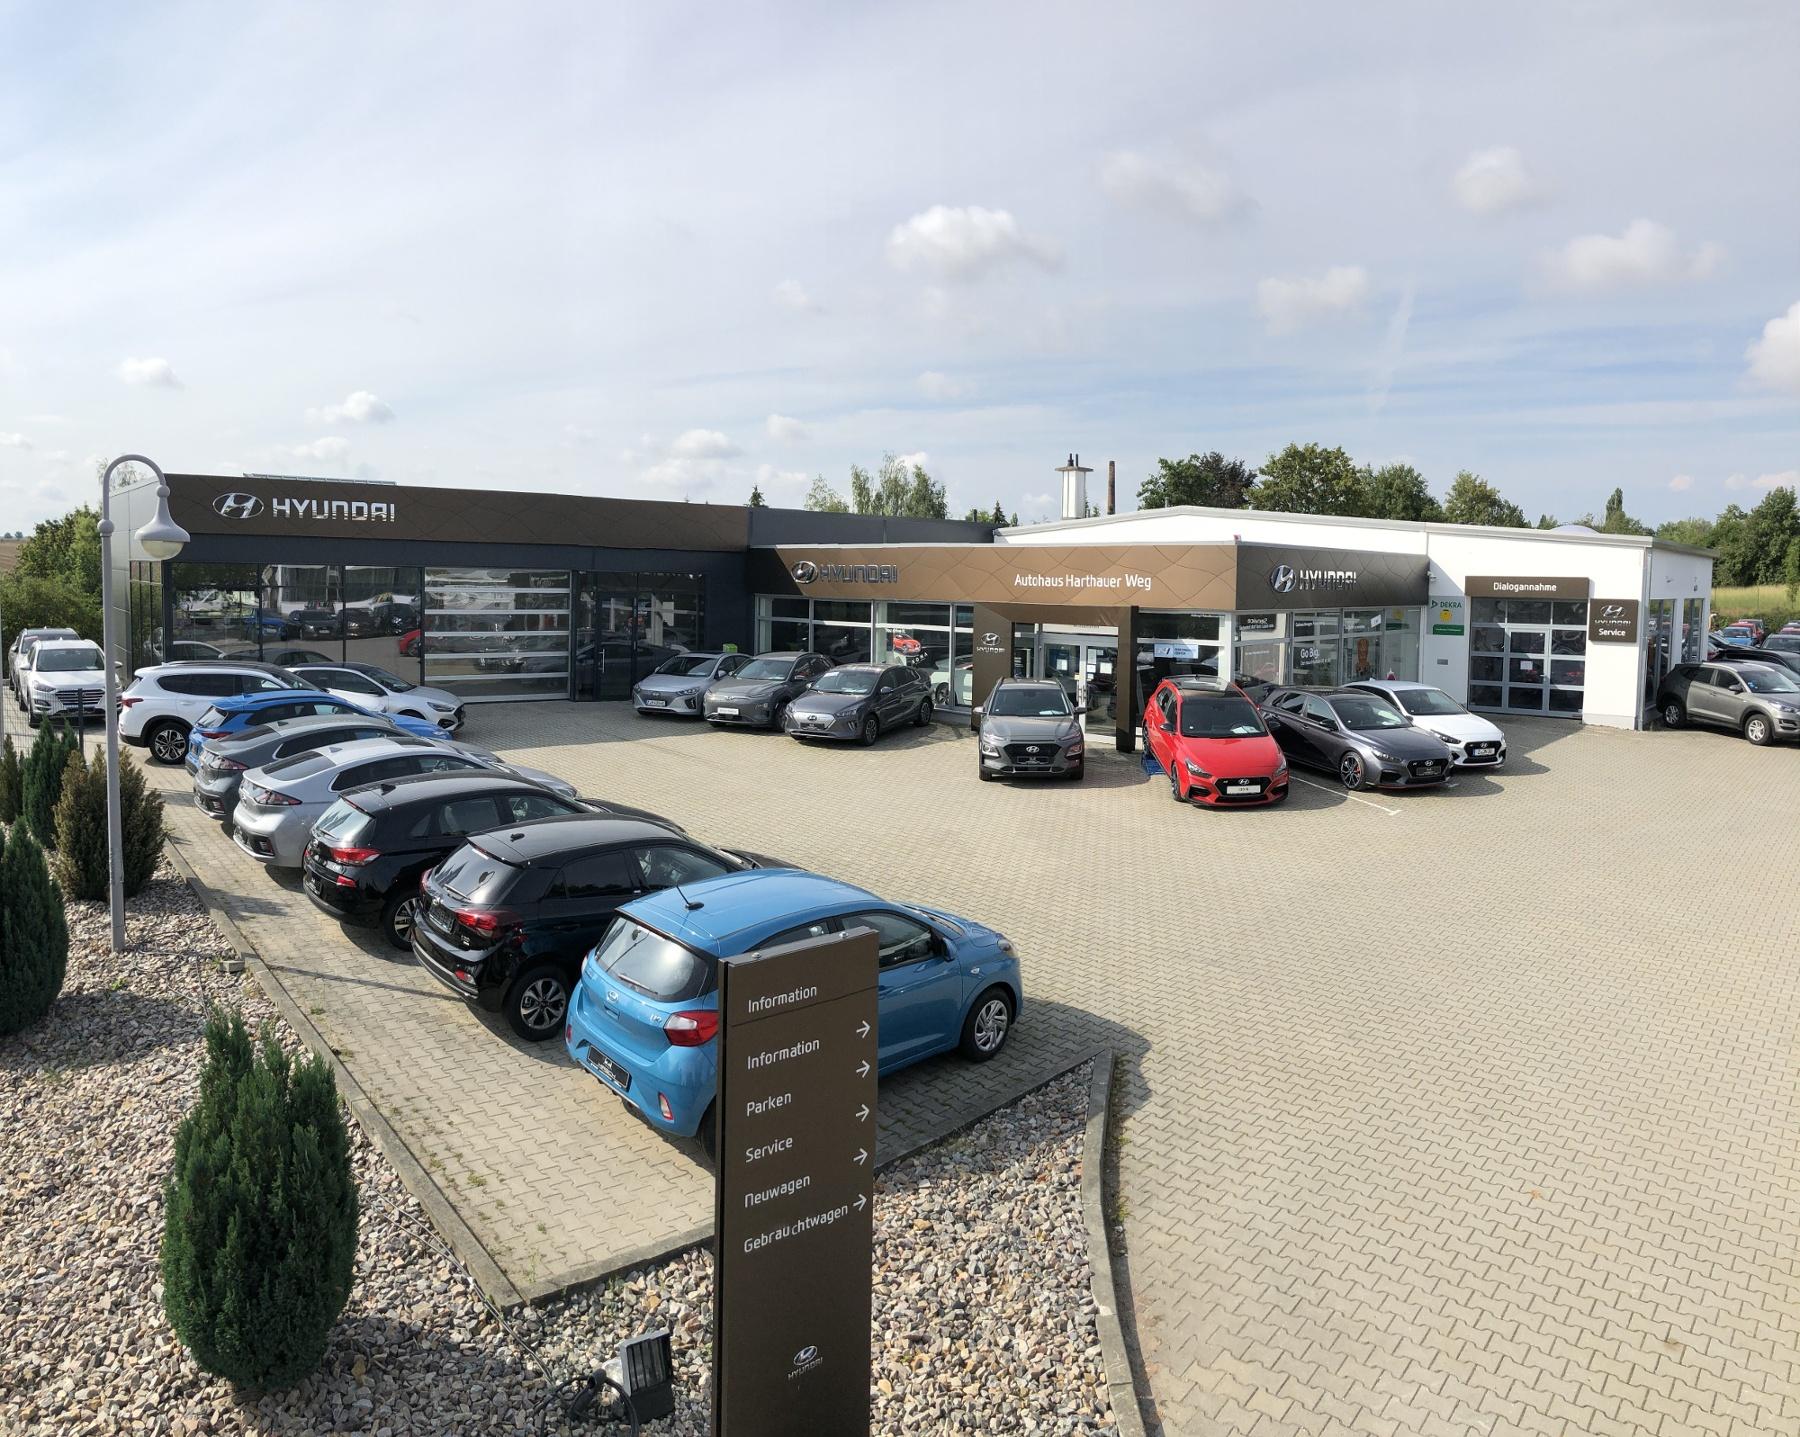 Hyundai Autohaus Harthauer Weg in Crimmitschau - Außenaufnahme